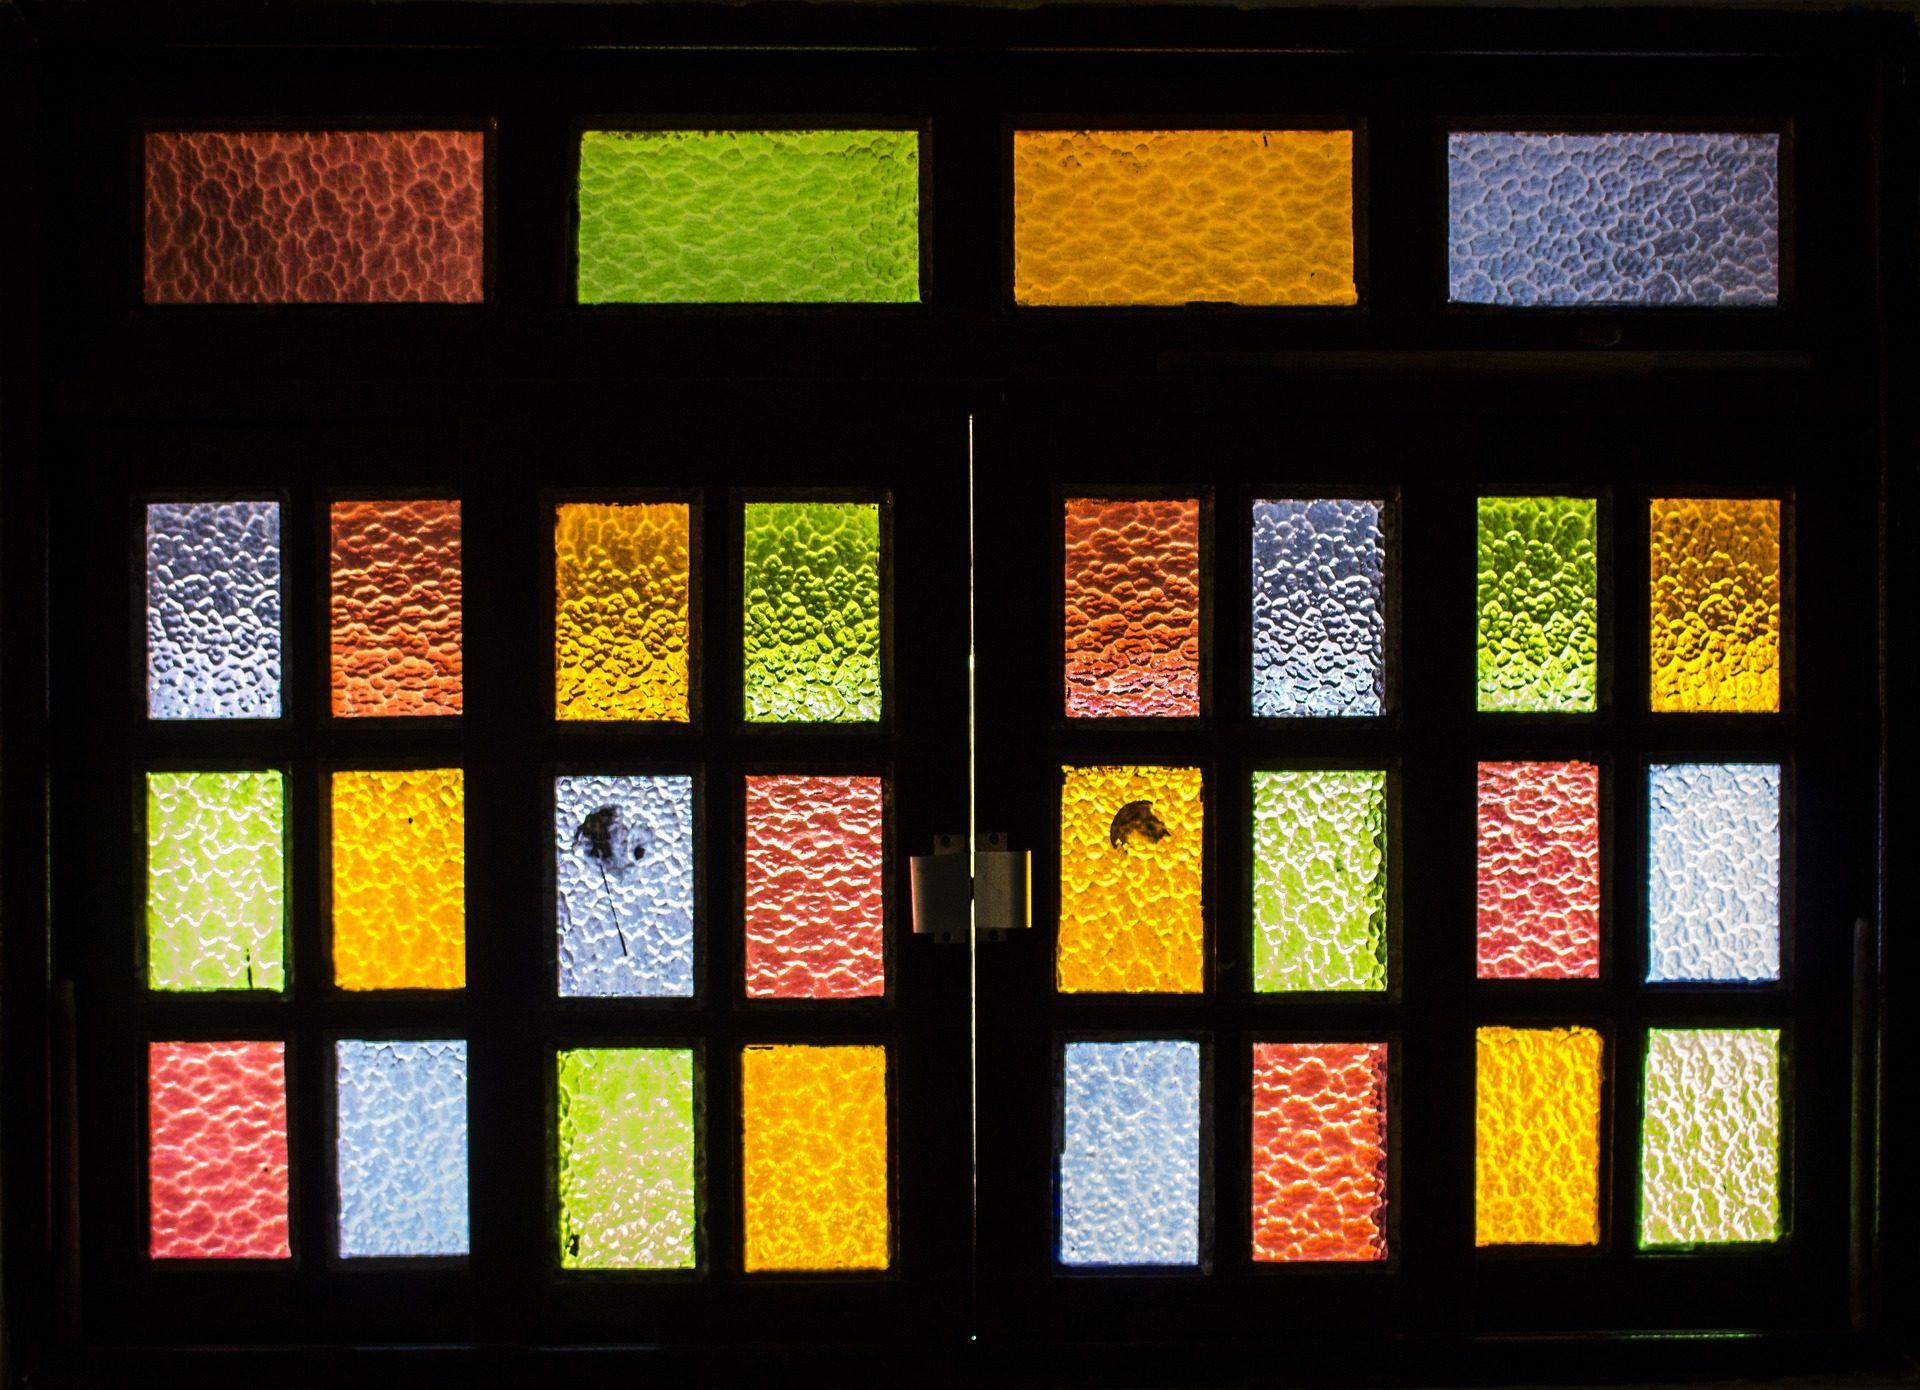 ventana cristales vidrios colorido trasluz